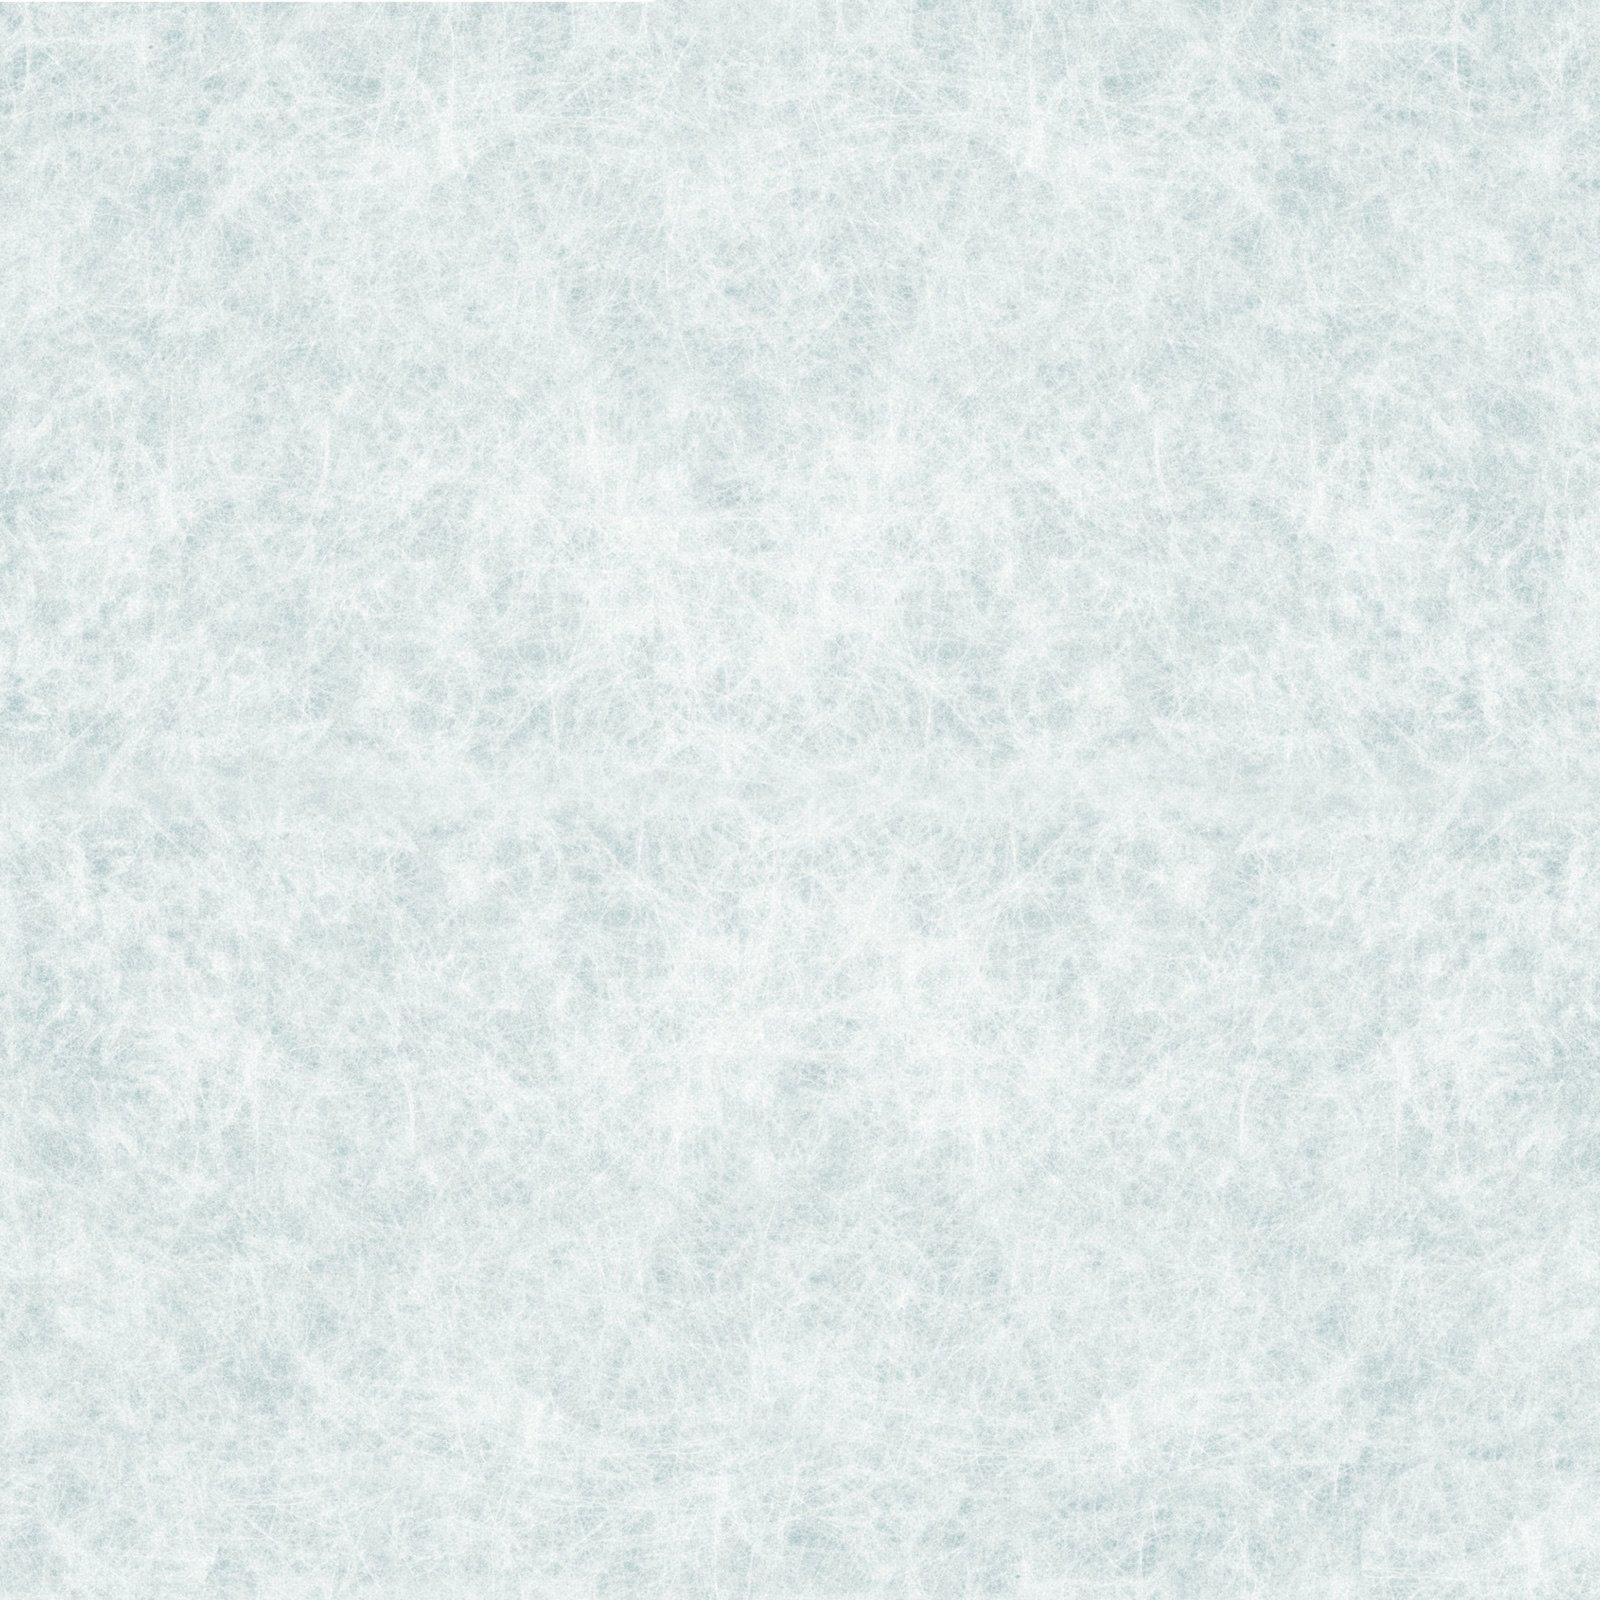 d-c fix Glasfolie REISPAPIER - weiß - 45x200 cm